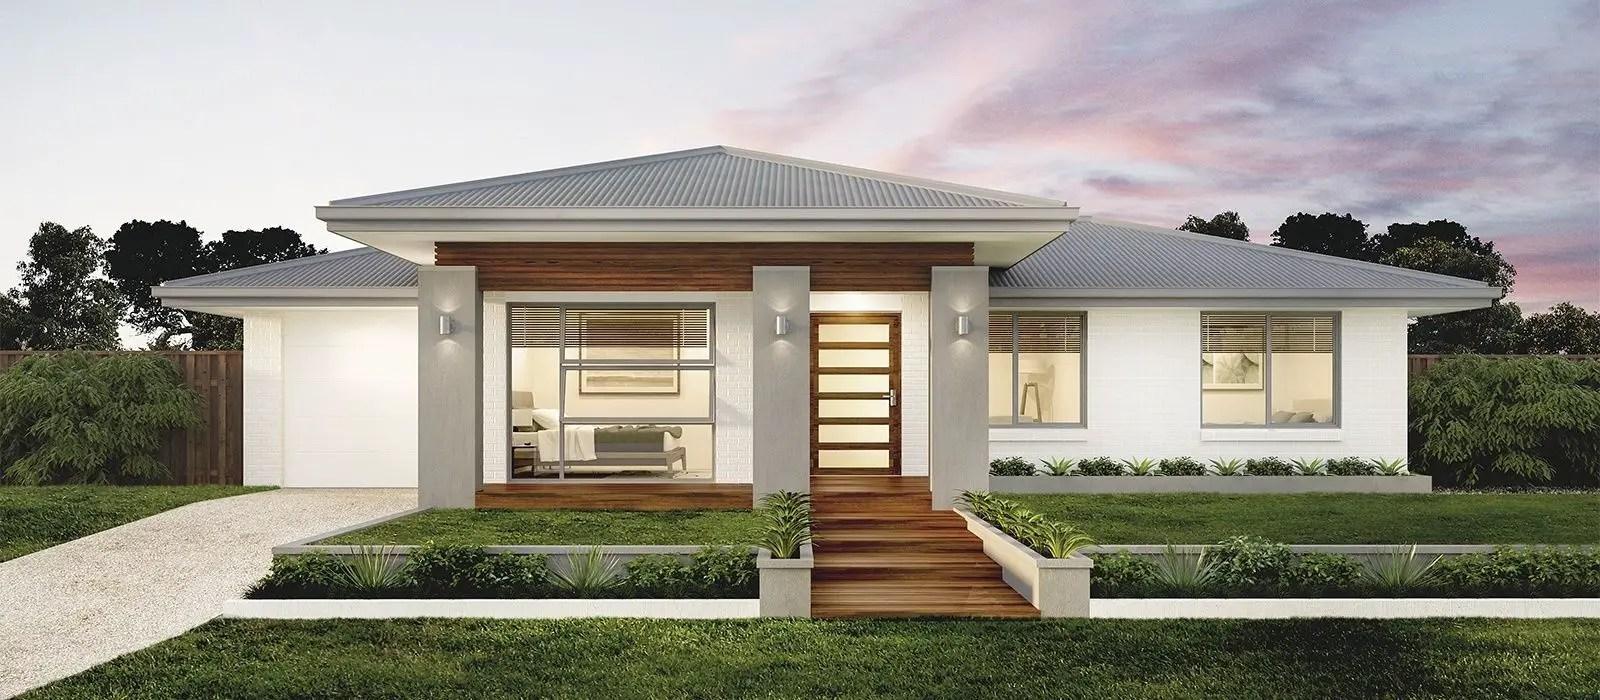 Simple exterior design ideas 31